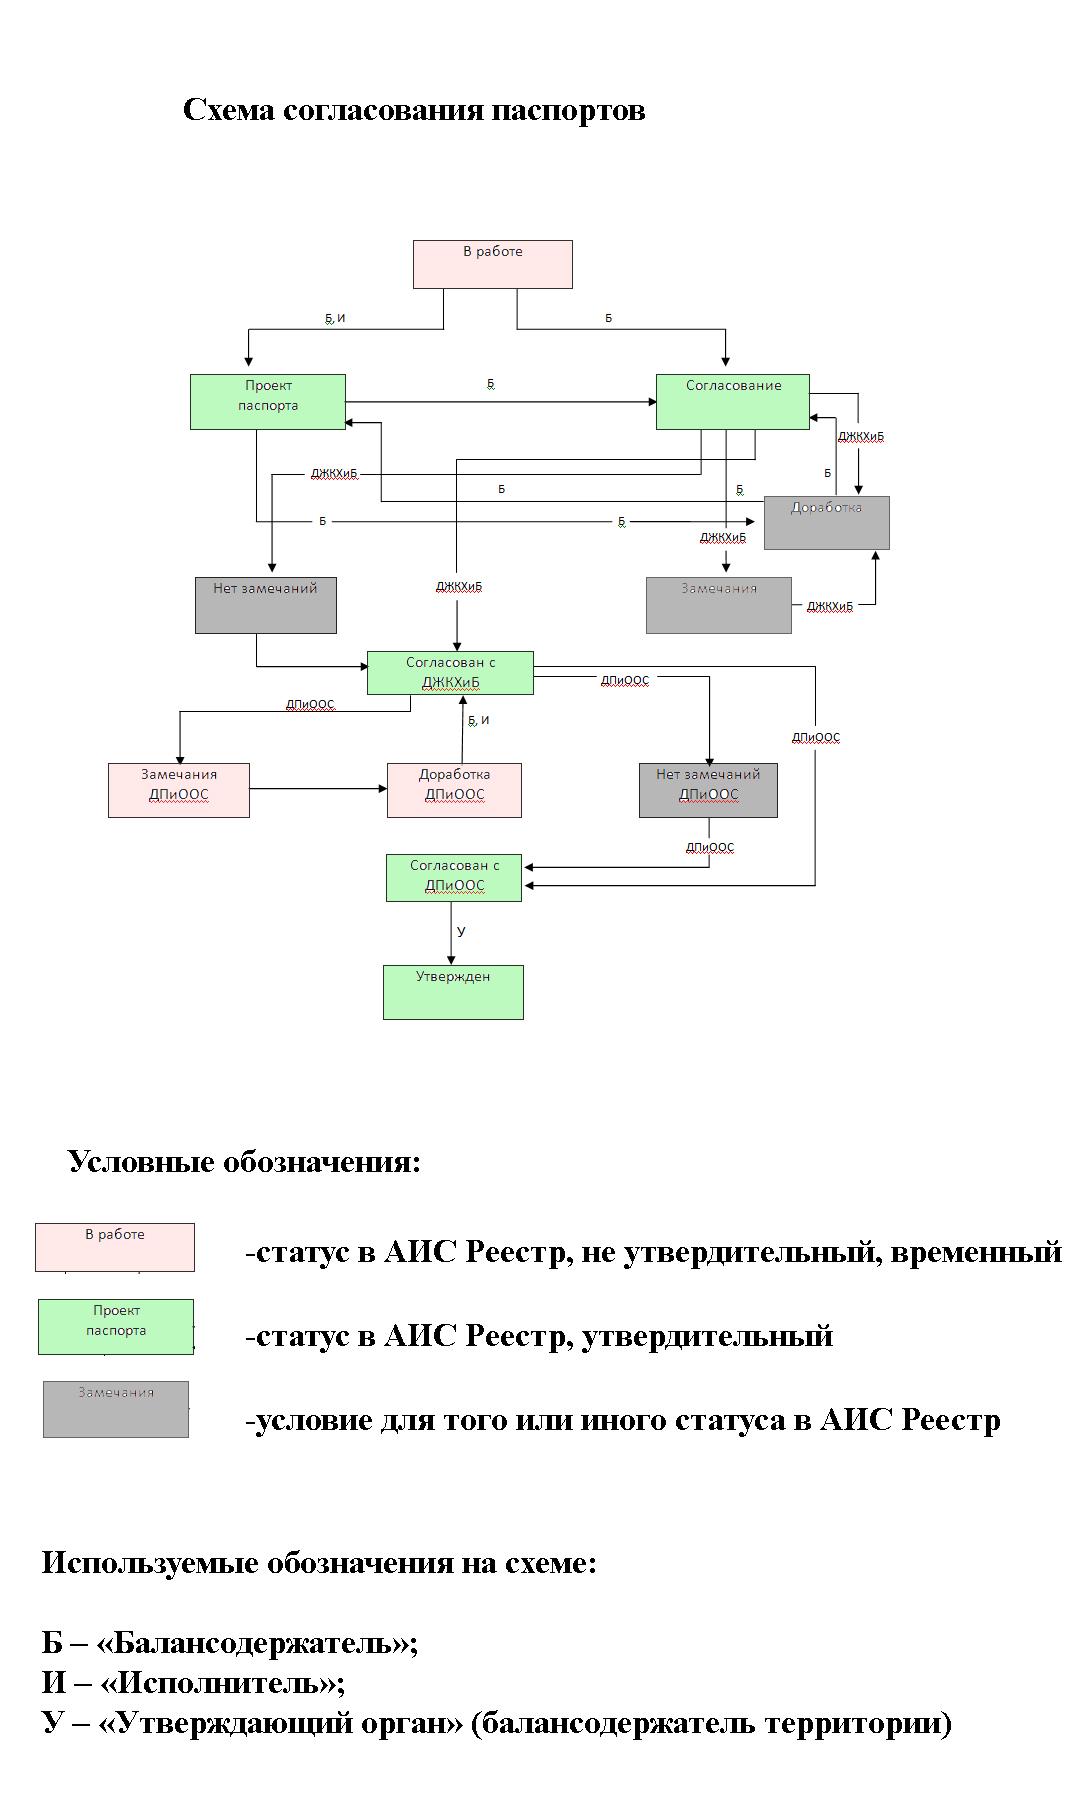 Согласование паспорта благоустройства территории в АИС Реестр зеленых насаждений